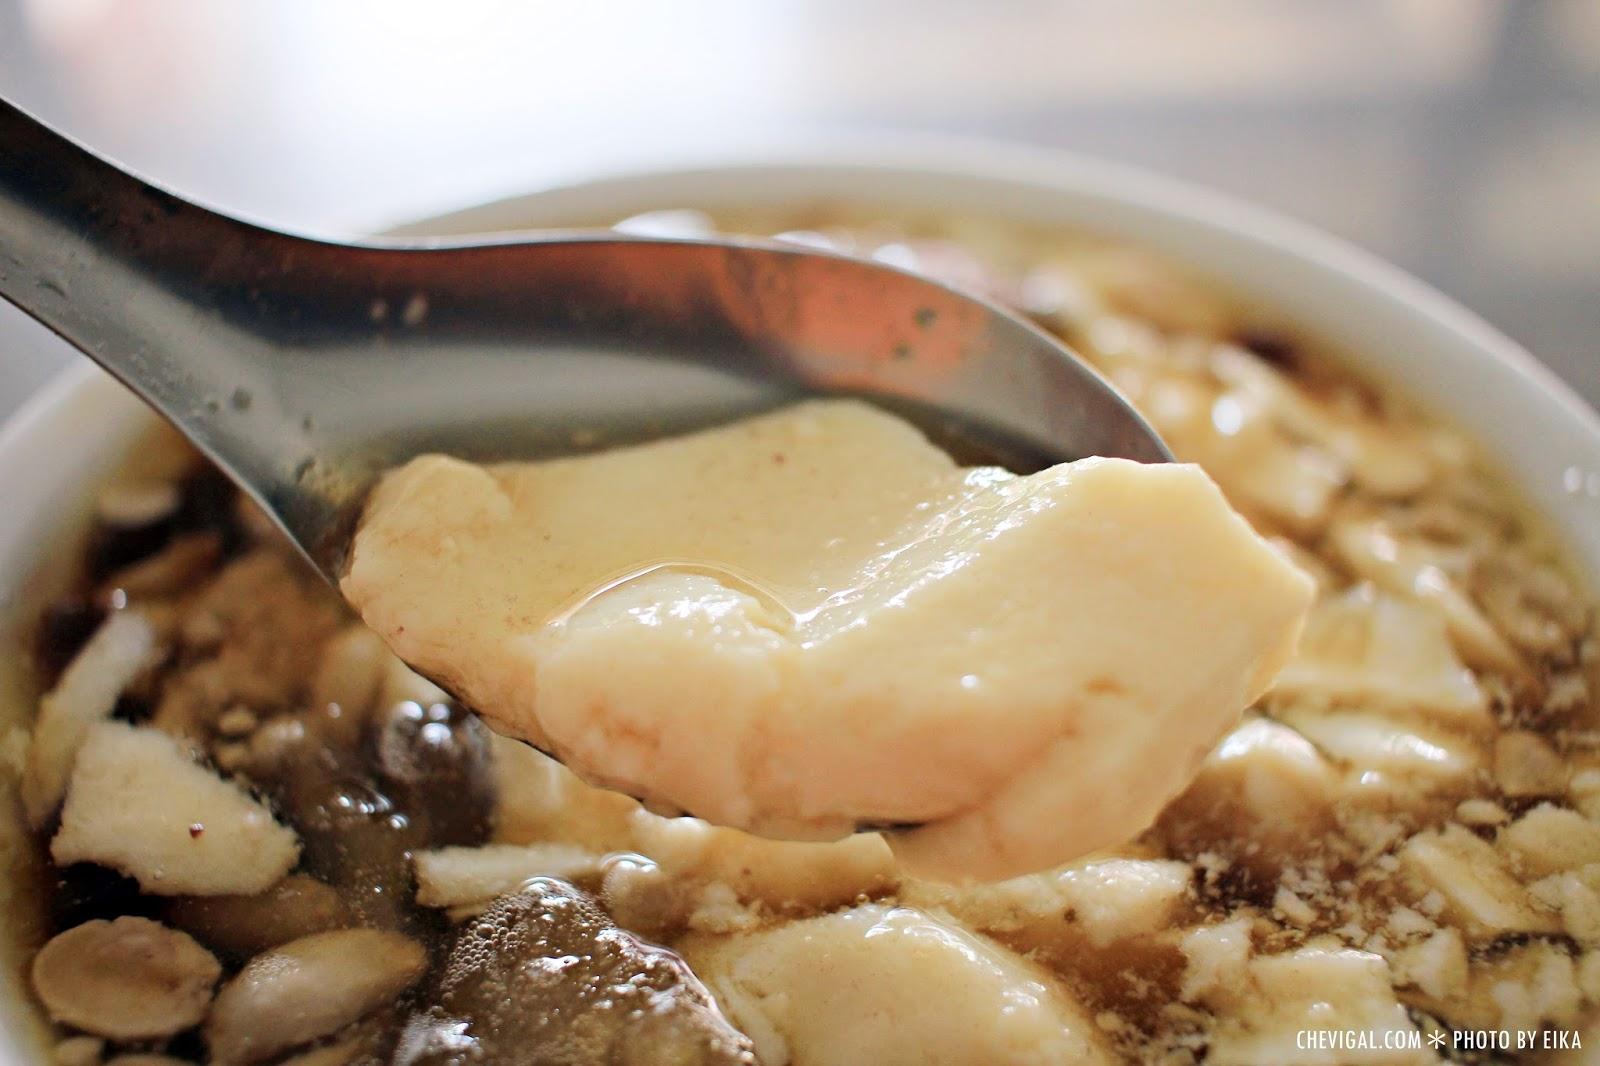 IMG 0076 - 台中烏日│市場豆花。清涼消暑好選擇。口感綿密的古早味豆花。也吃得到濃濃黃豆香氣唷